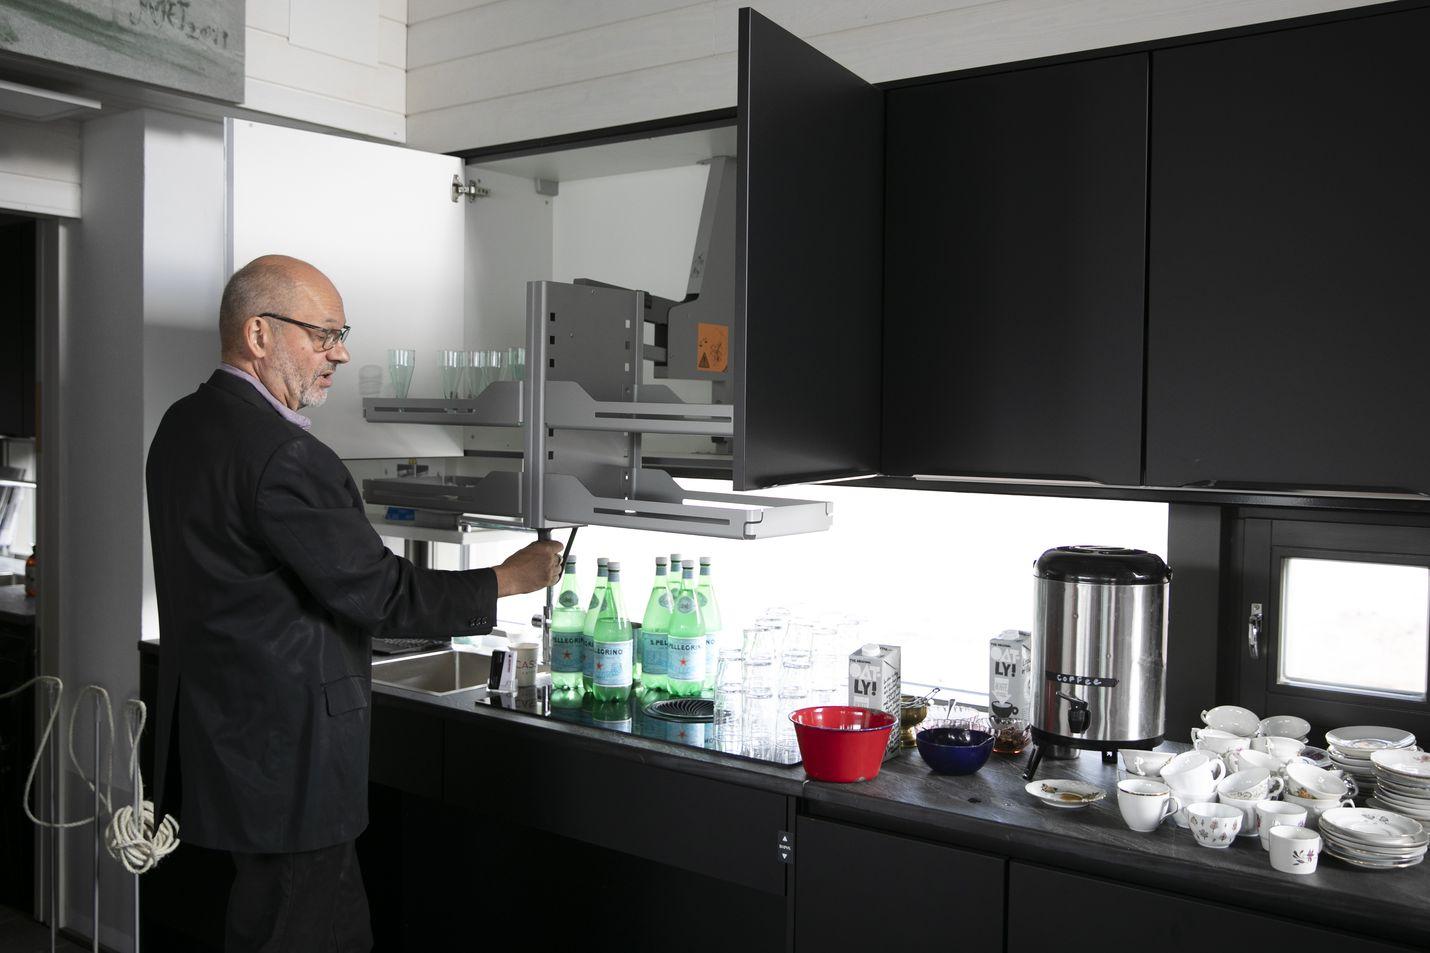 Villa Mikael on ollut kolmen vuoden projekti Petri Turtiaiselle. Lopputulos on ainutlaatuinen: näin pitkälle vietyä esteettömyyttä ja asukkaan rajoitteet huomioivaa kotia ei ole ennen Suomessa rakennettu.